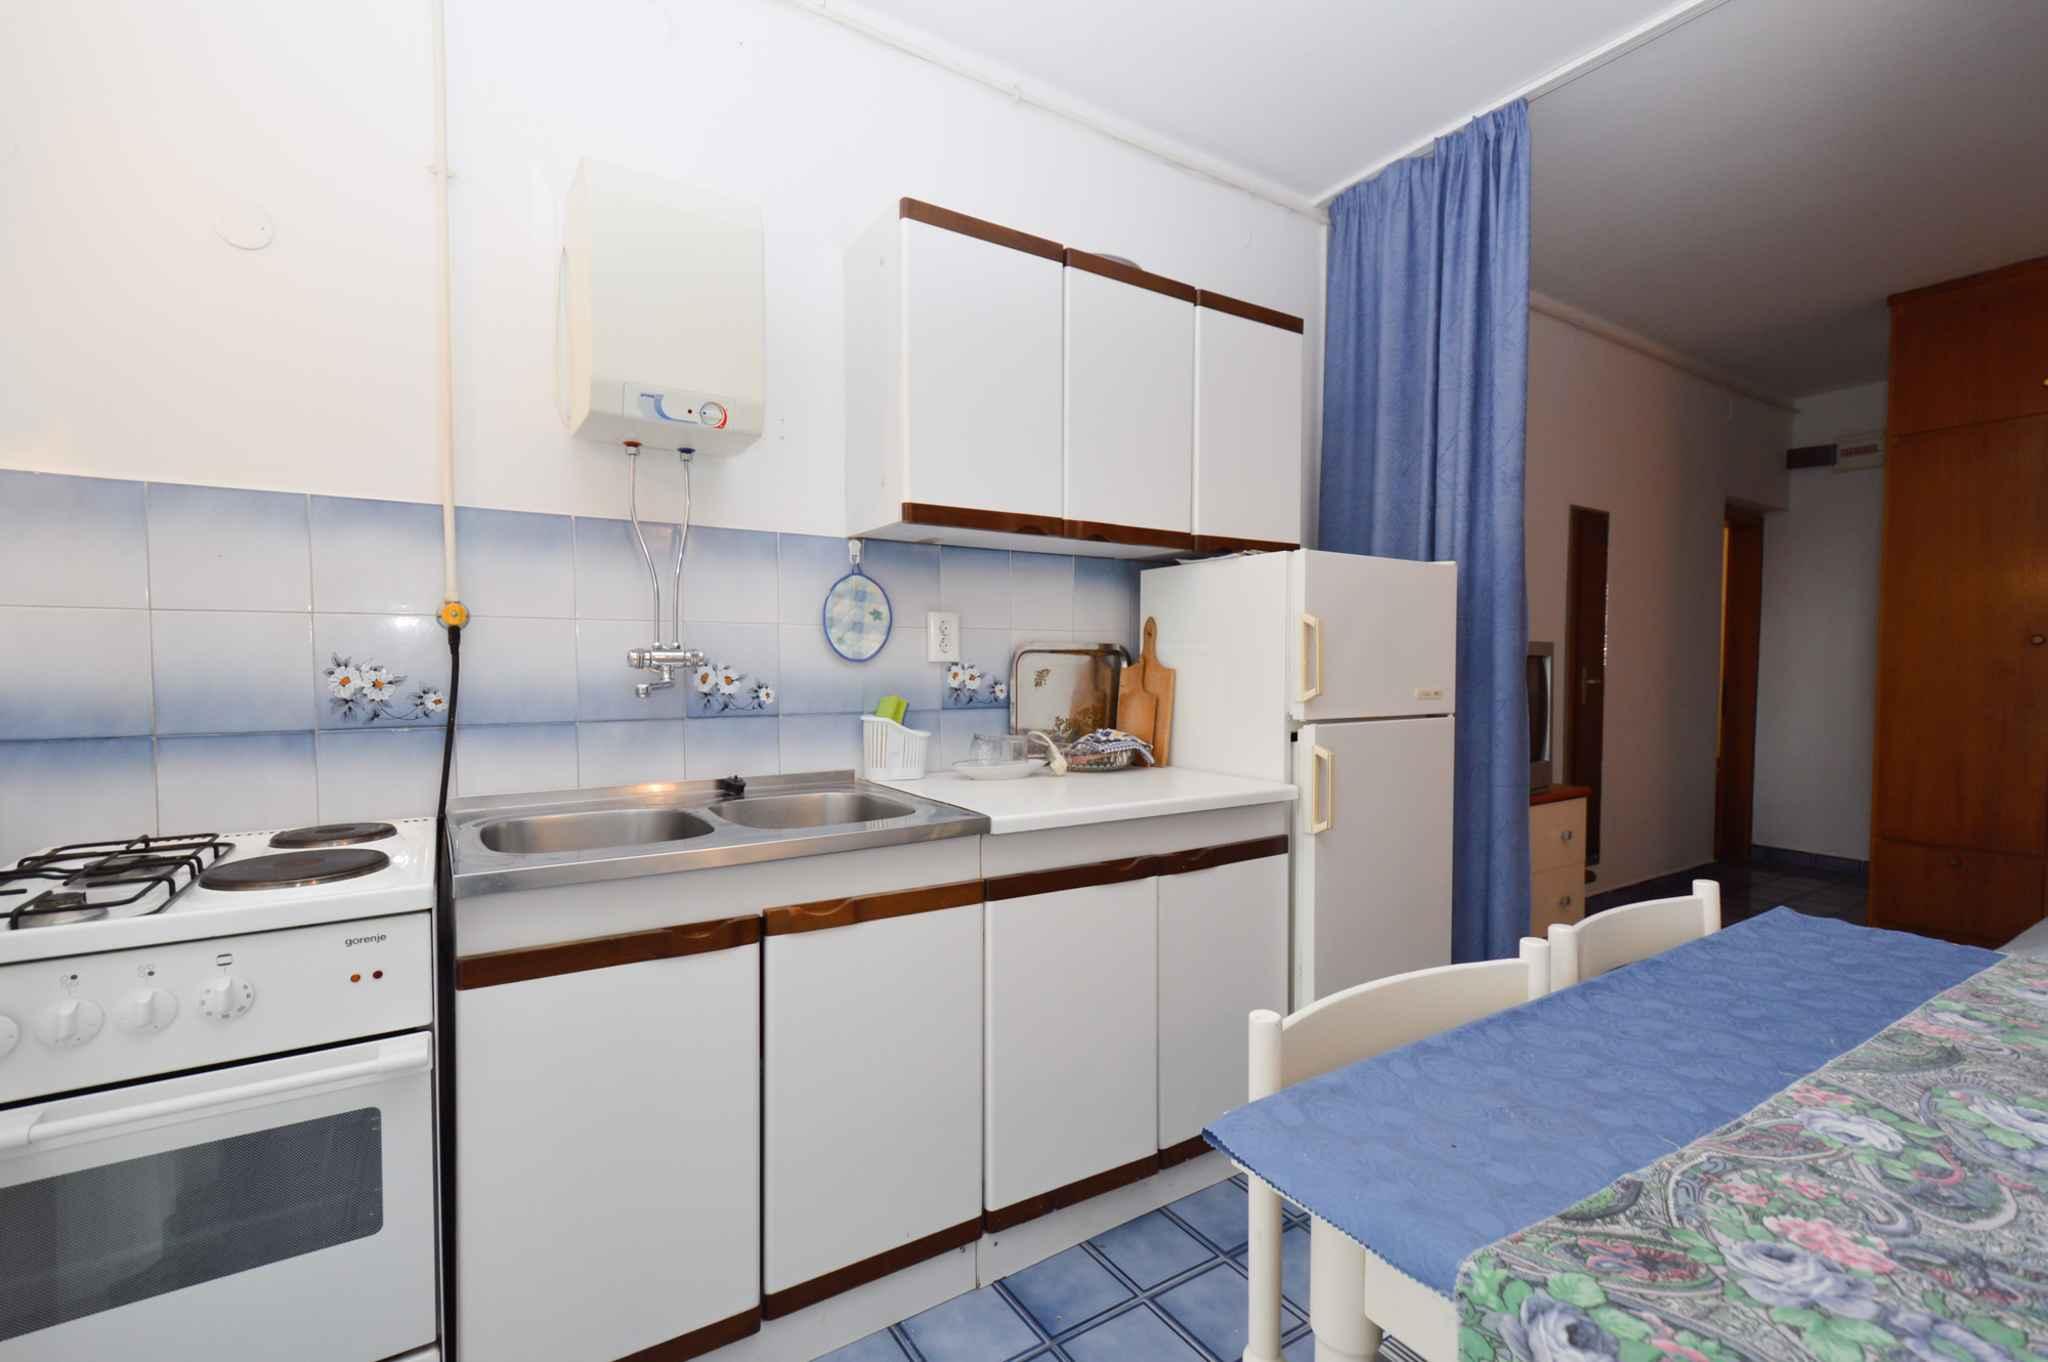 Ferienwohnung in ruhiger Lage (280677), Pula, , Istrien, Kroatien, Bild 4